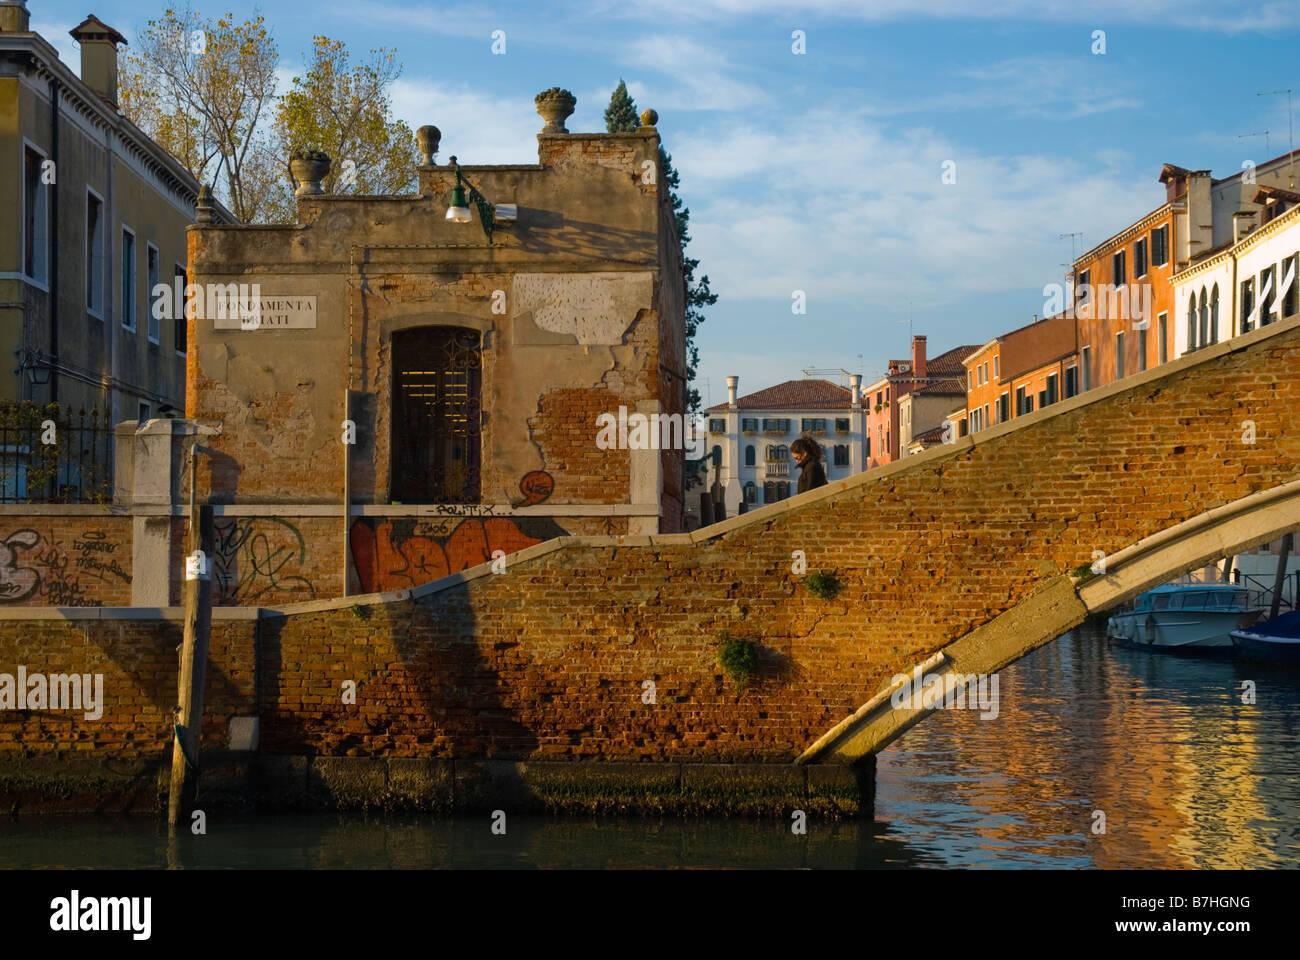 Fondamenta canal Briati dans quartier de Dorsoduro de Venise Italie Europe Photo Stock